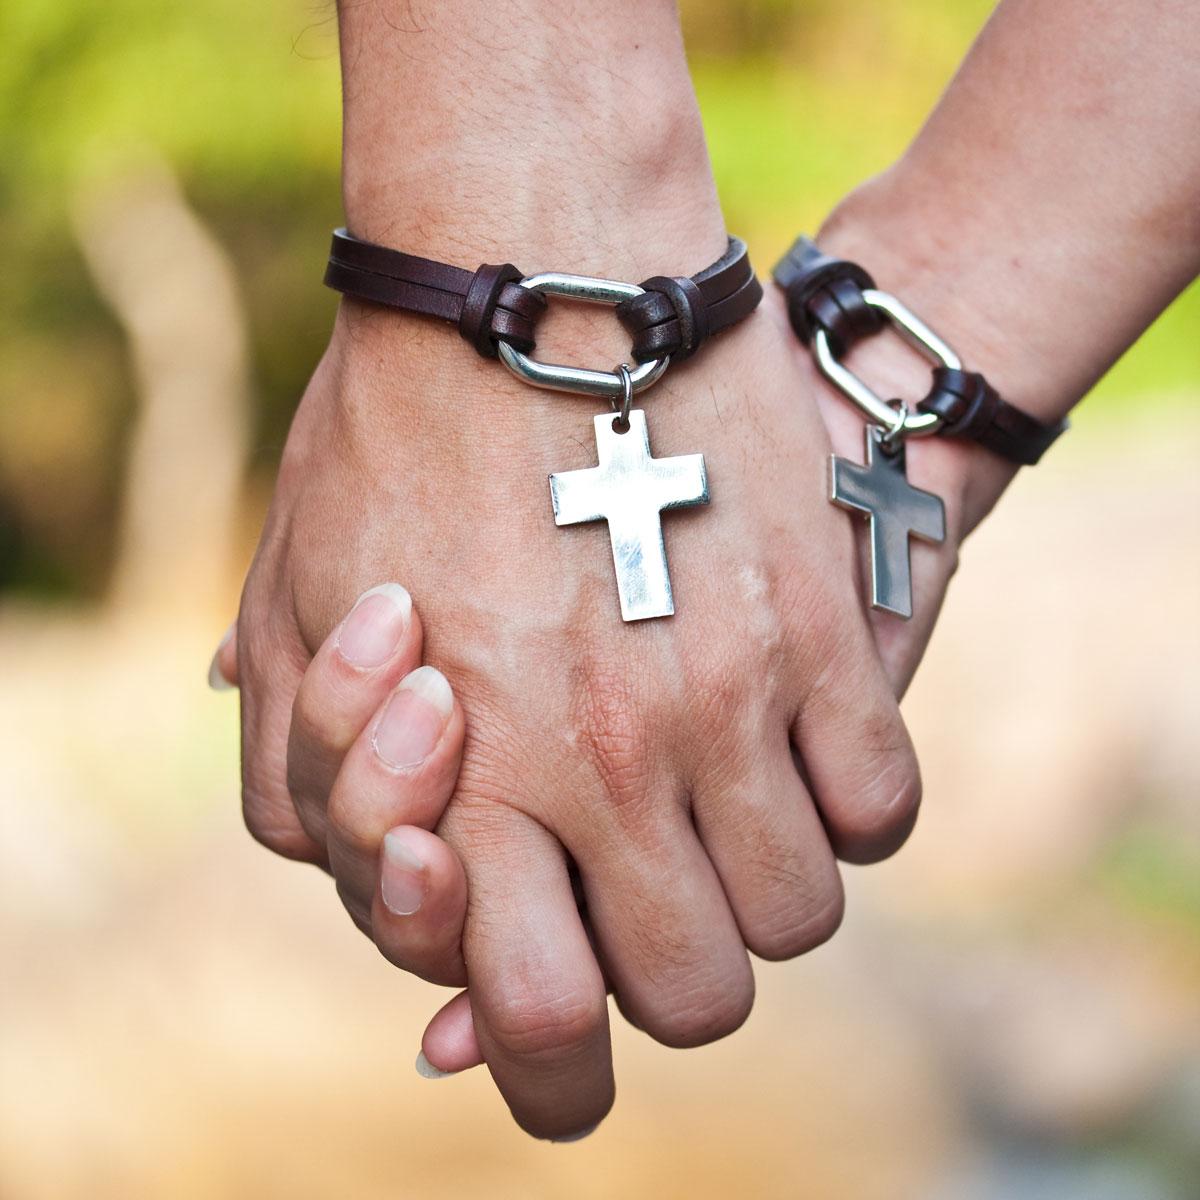 Coppia cristiana praticante